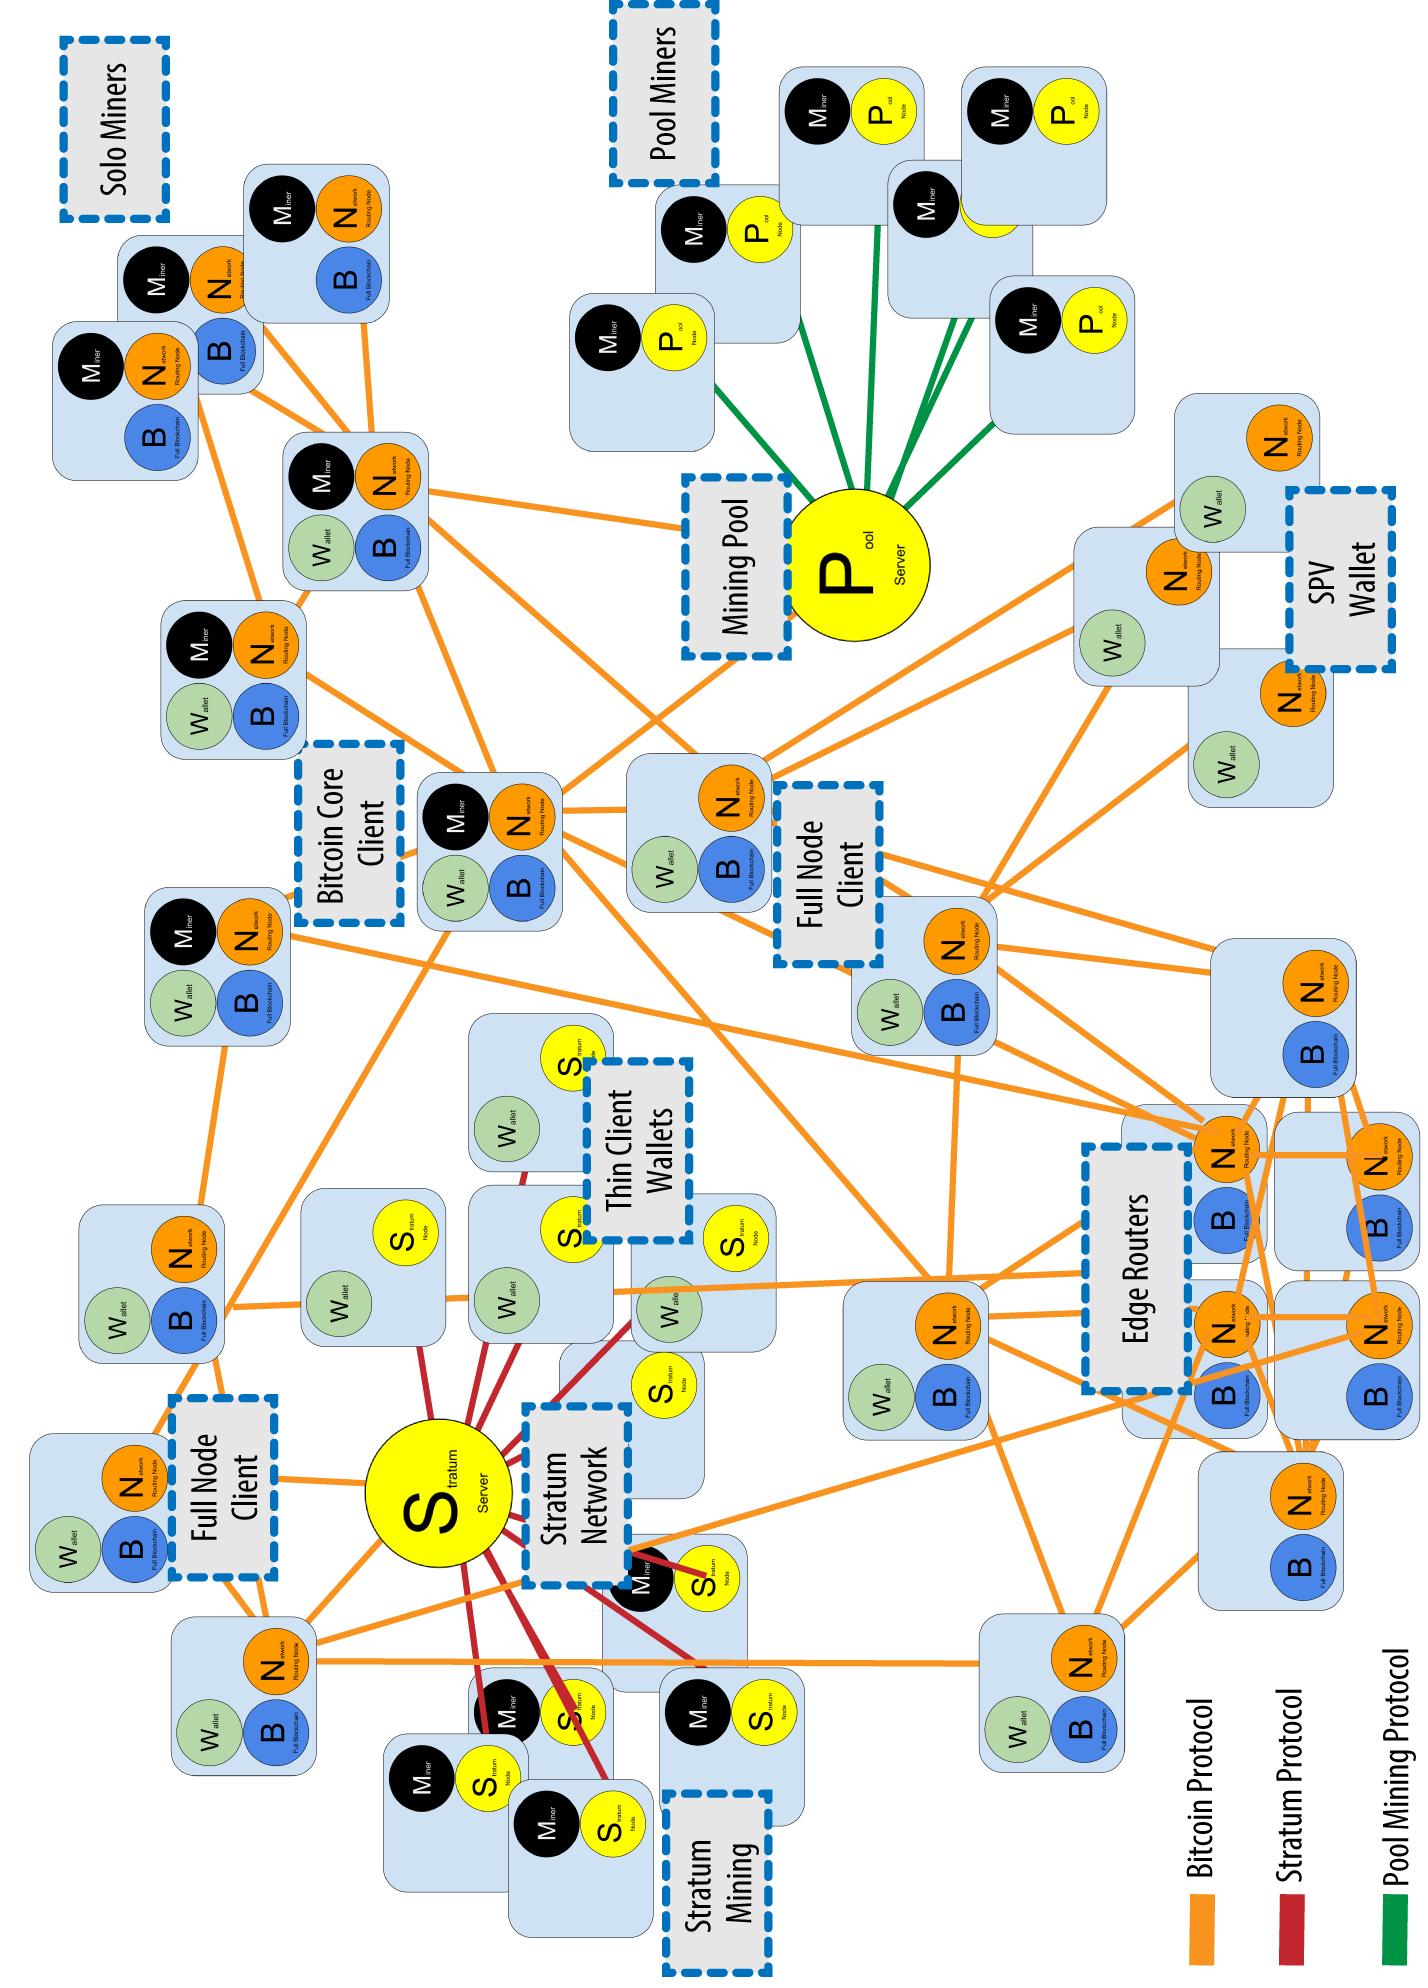 图8-3 具有多种节点类型、网关及协议的扩展比特币网络